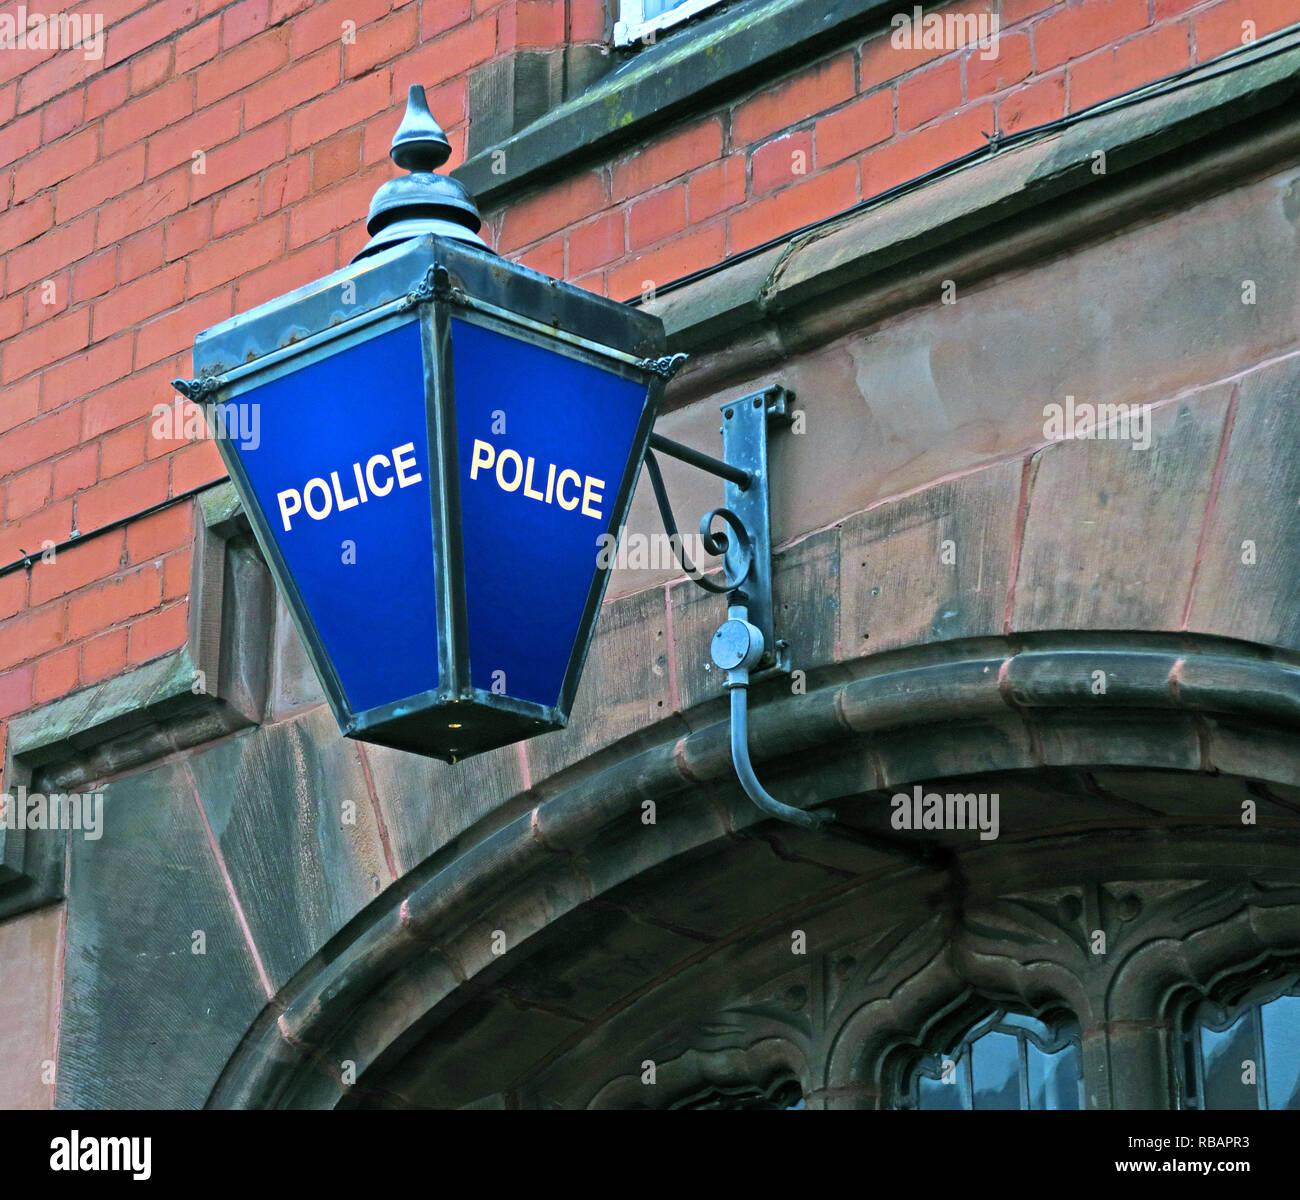 Laden Sie dieses Alamy Stockfoto Blau Polizeistation Lampe, Stockton Heide Polizeistation, Warrington, Cheshire, North West England, Großbritannien - RBAPR3